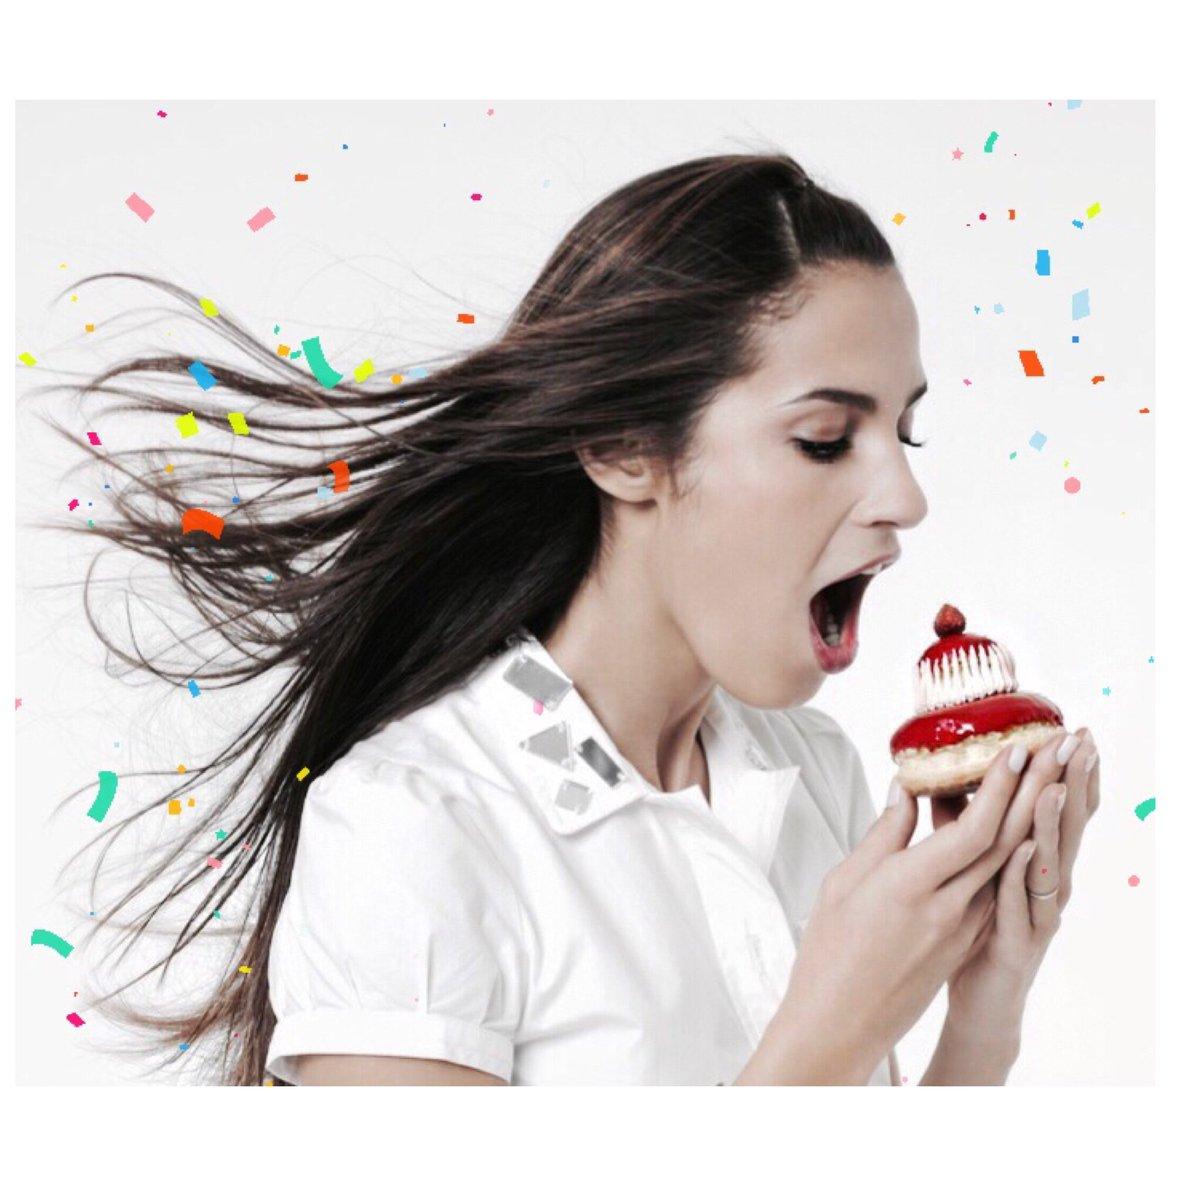 23 Mars ! Le seule jour où j&#39;ai le droit de manger tout les gâteaux du monde ....  #BDay #NY #BirthdayTrip  #EtUneDePlus <br>http://pic.twitter.com/er5VNsfagr